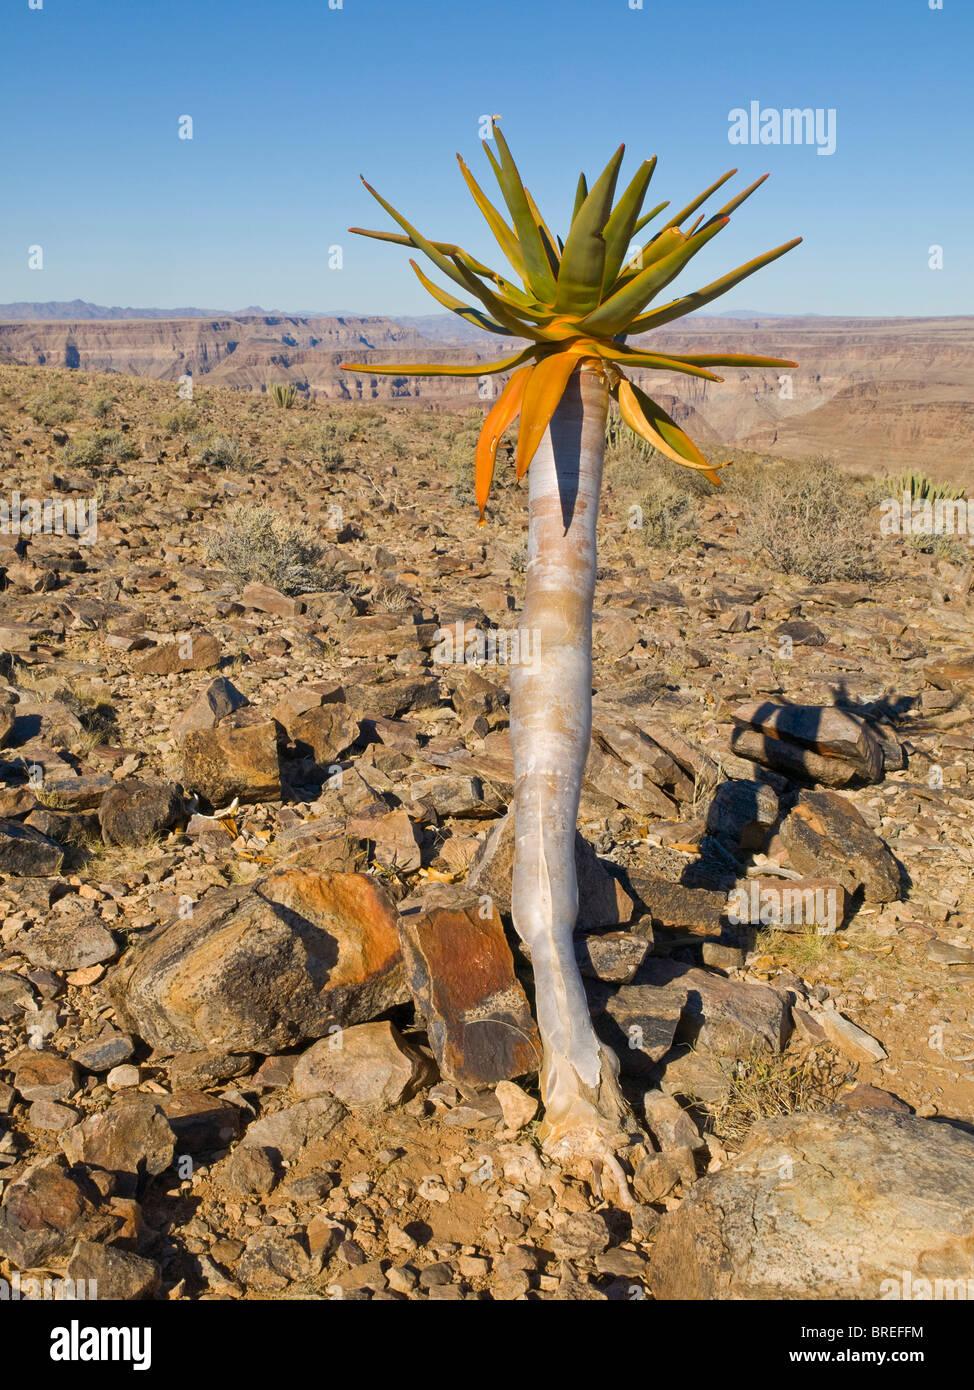 Les jeunes arbres carquois (aloe dichotoma) à Fish River Canyon, Namibie, Afrique Photo Stock